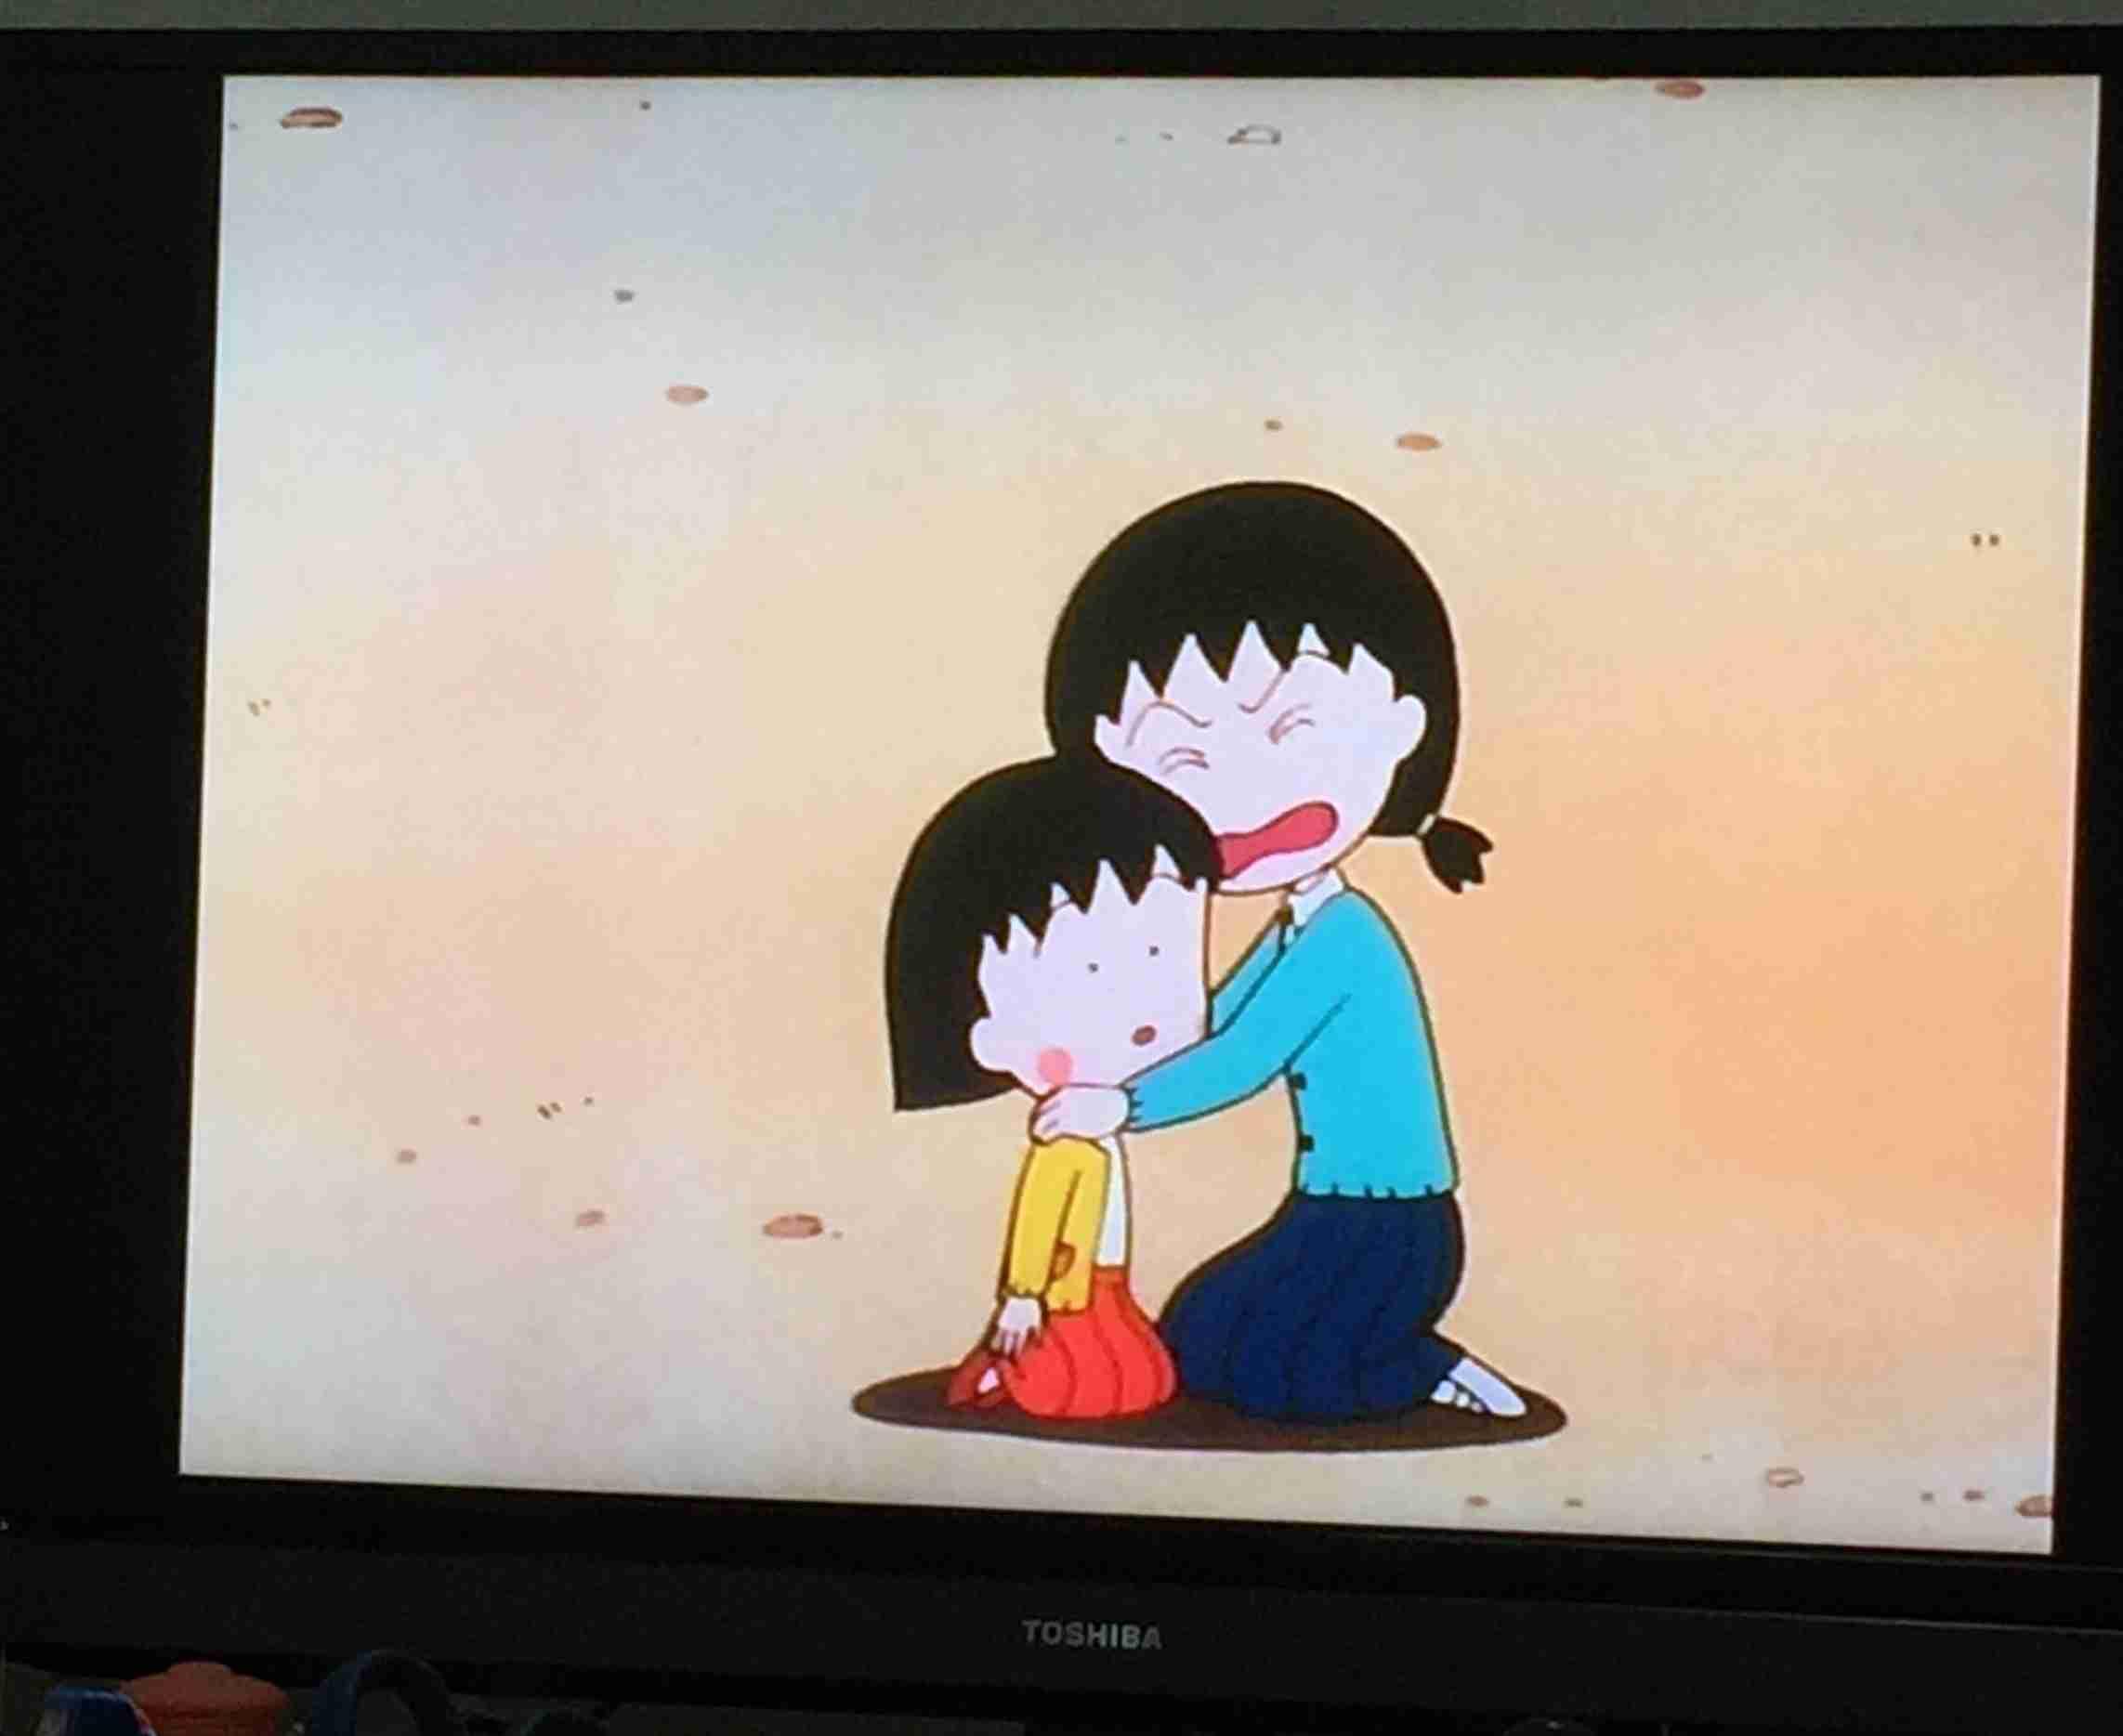 声優・水谷優子さん、乳がんで死去 『ちびまる子ちゃん』お姉ちゃんなど